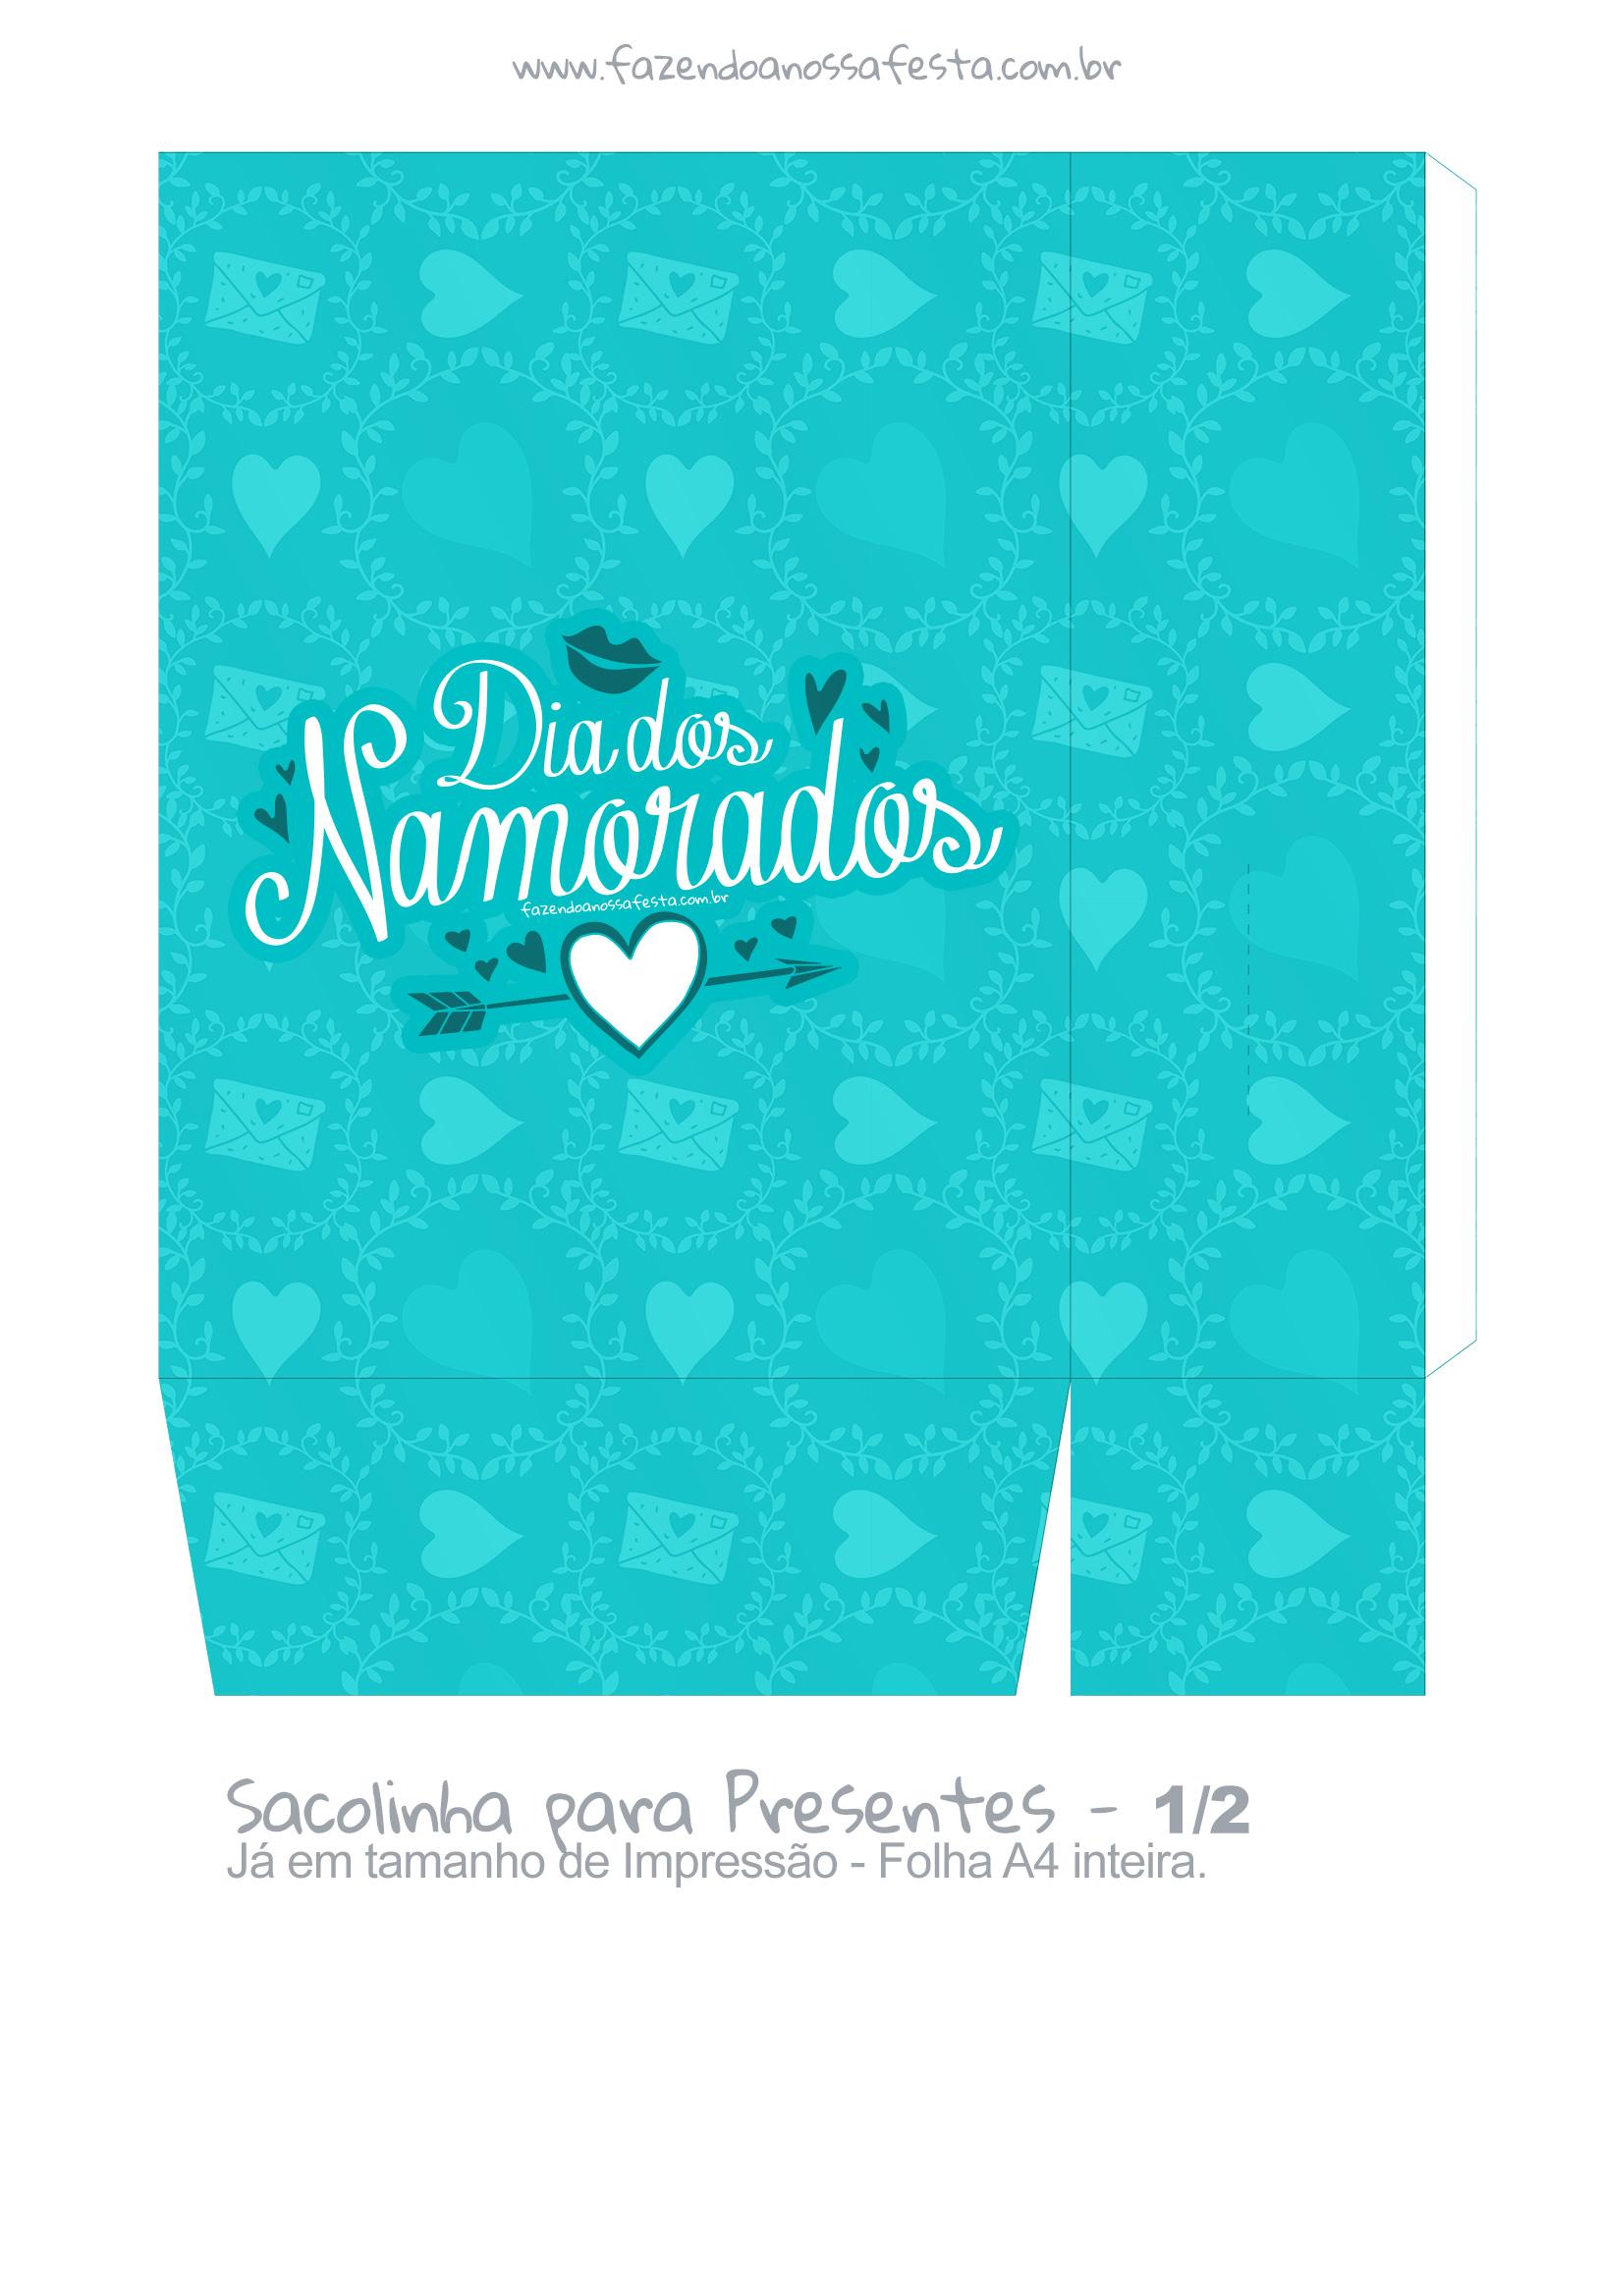 Sacolinha Dia dos Namorados Casal - parte 2